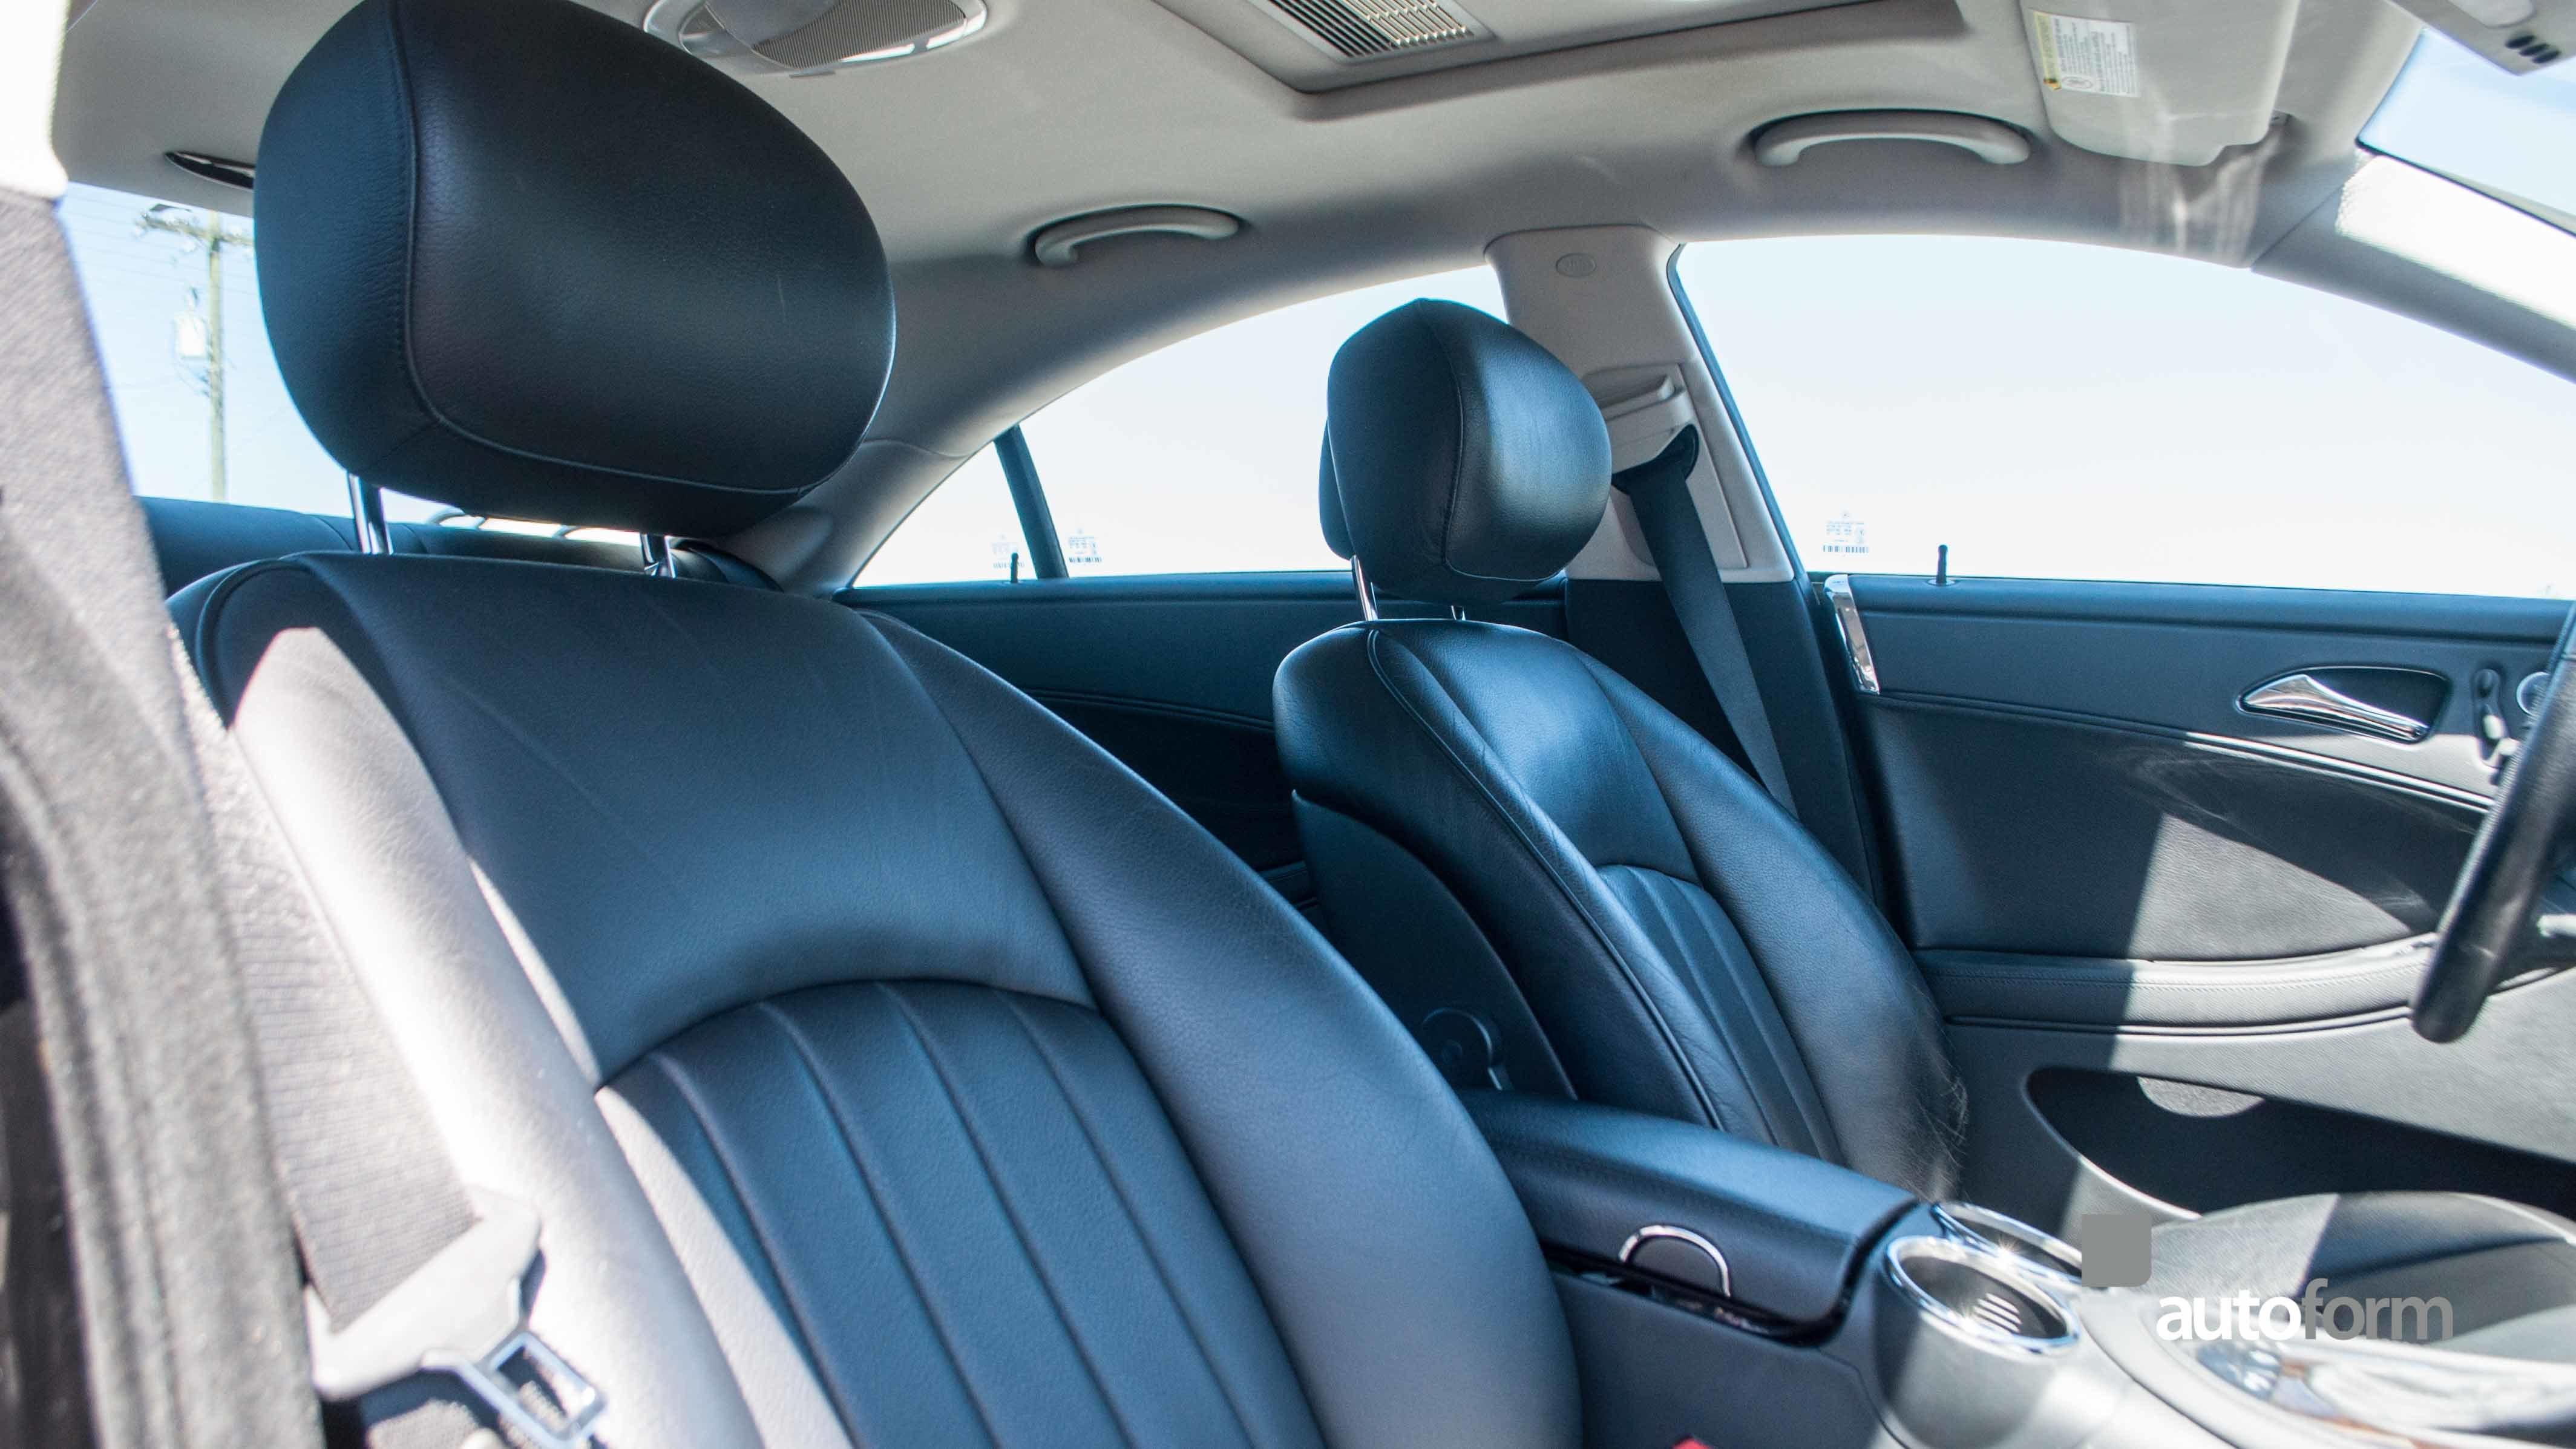 2007 Mercedes Benz Cls550 Autoform